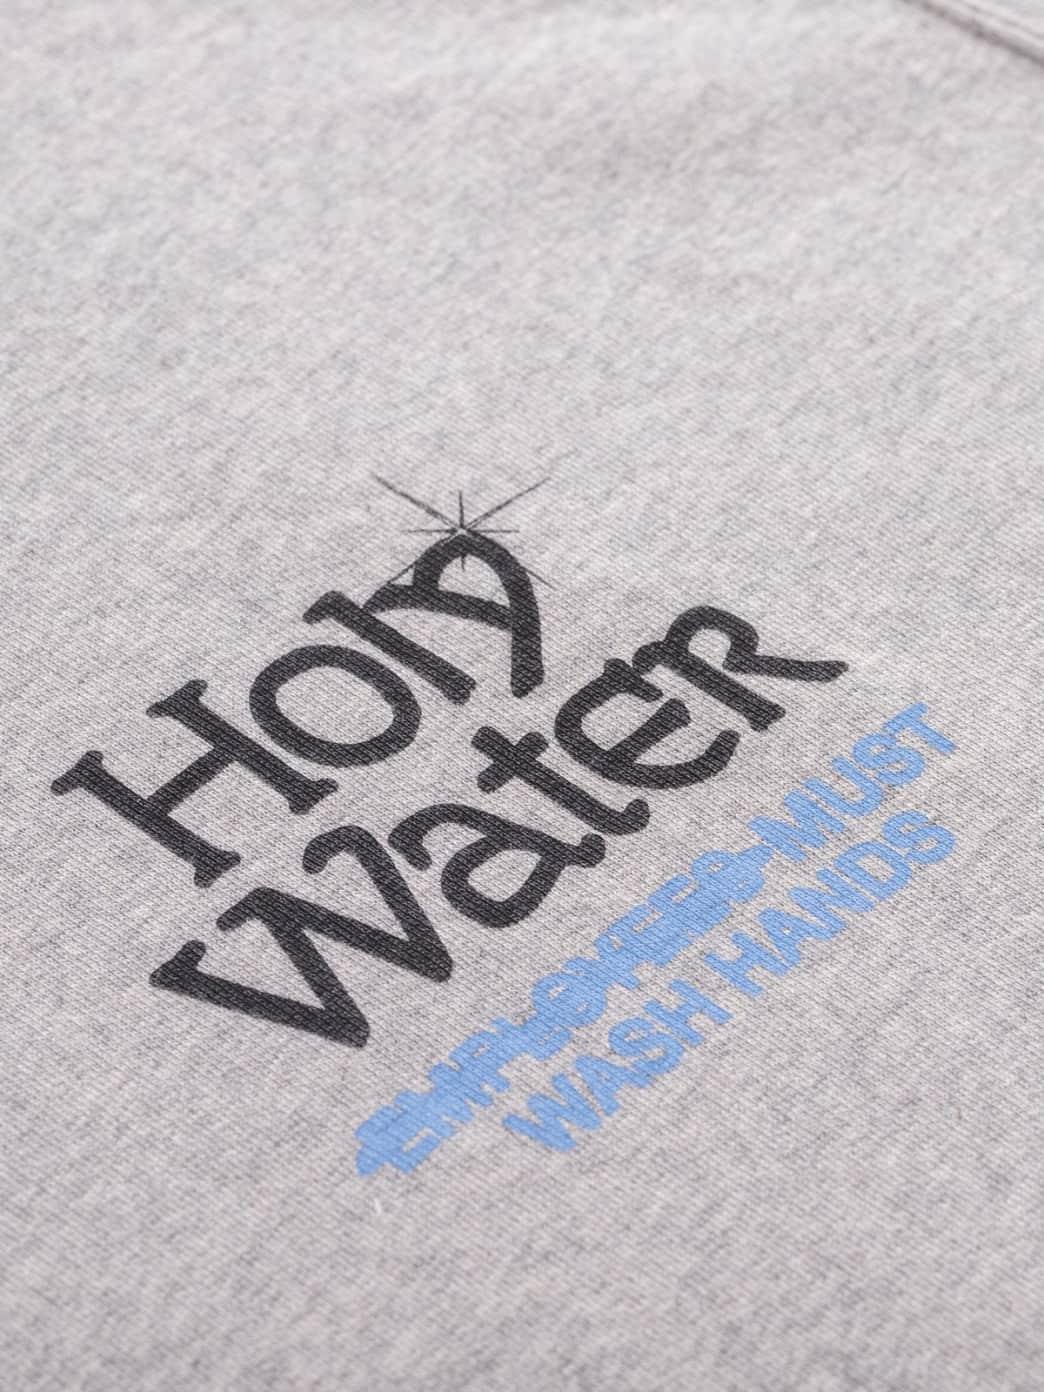 Reception Club Holy Water Sweatshirt - Grey | Sweatshirt by Reception Clothing 2